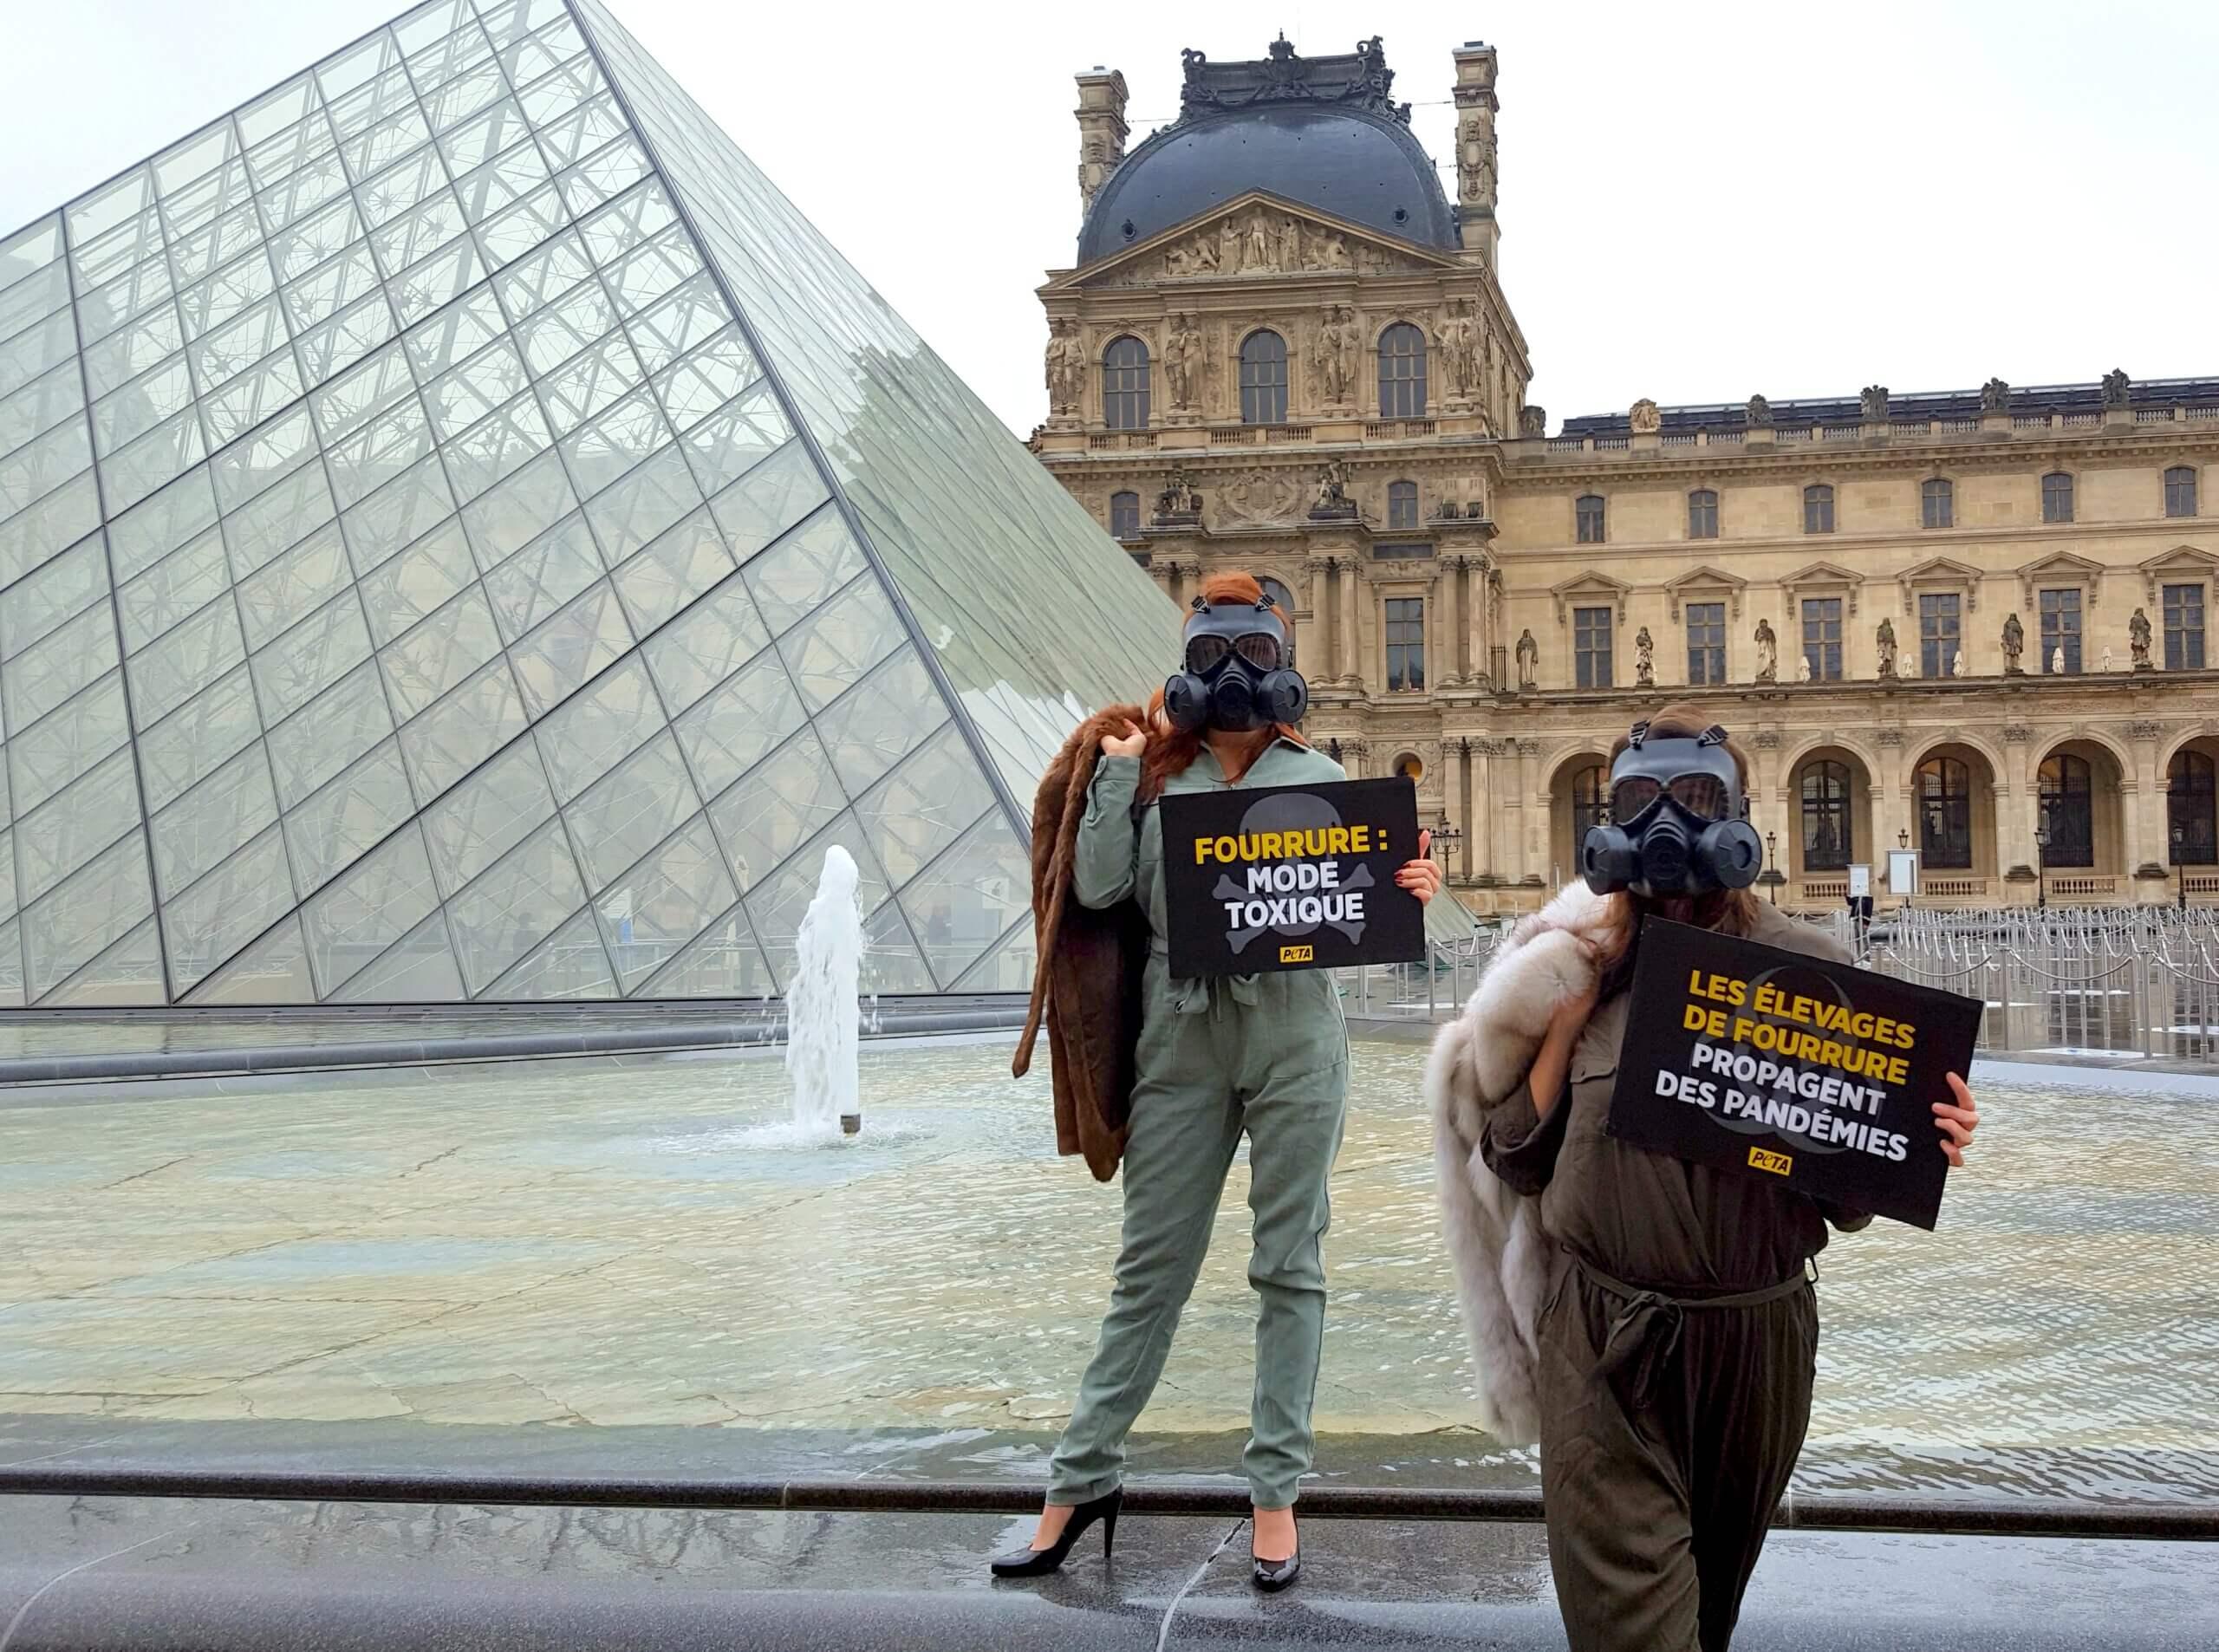 Paris Fashion Week : la fourrure propage des pandémies